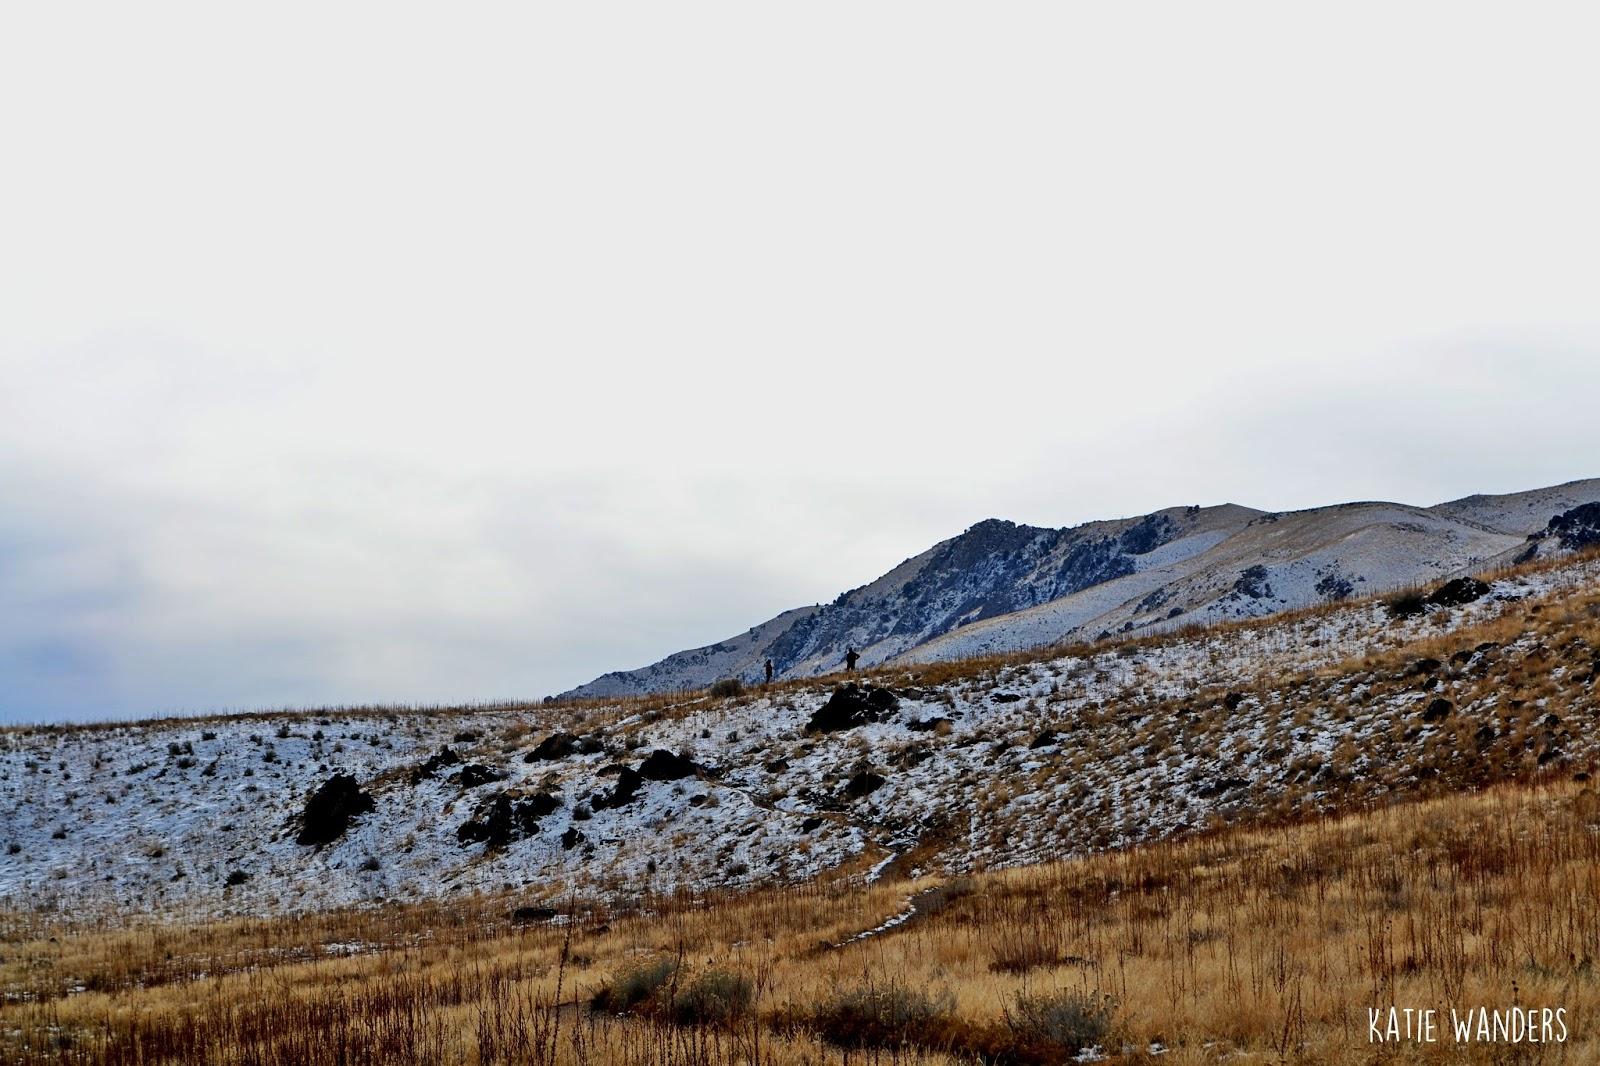 Katie Wanders : Frary Peak Trail, Antelope Island